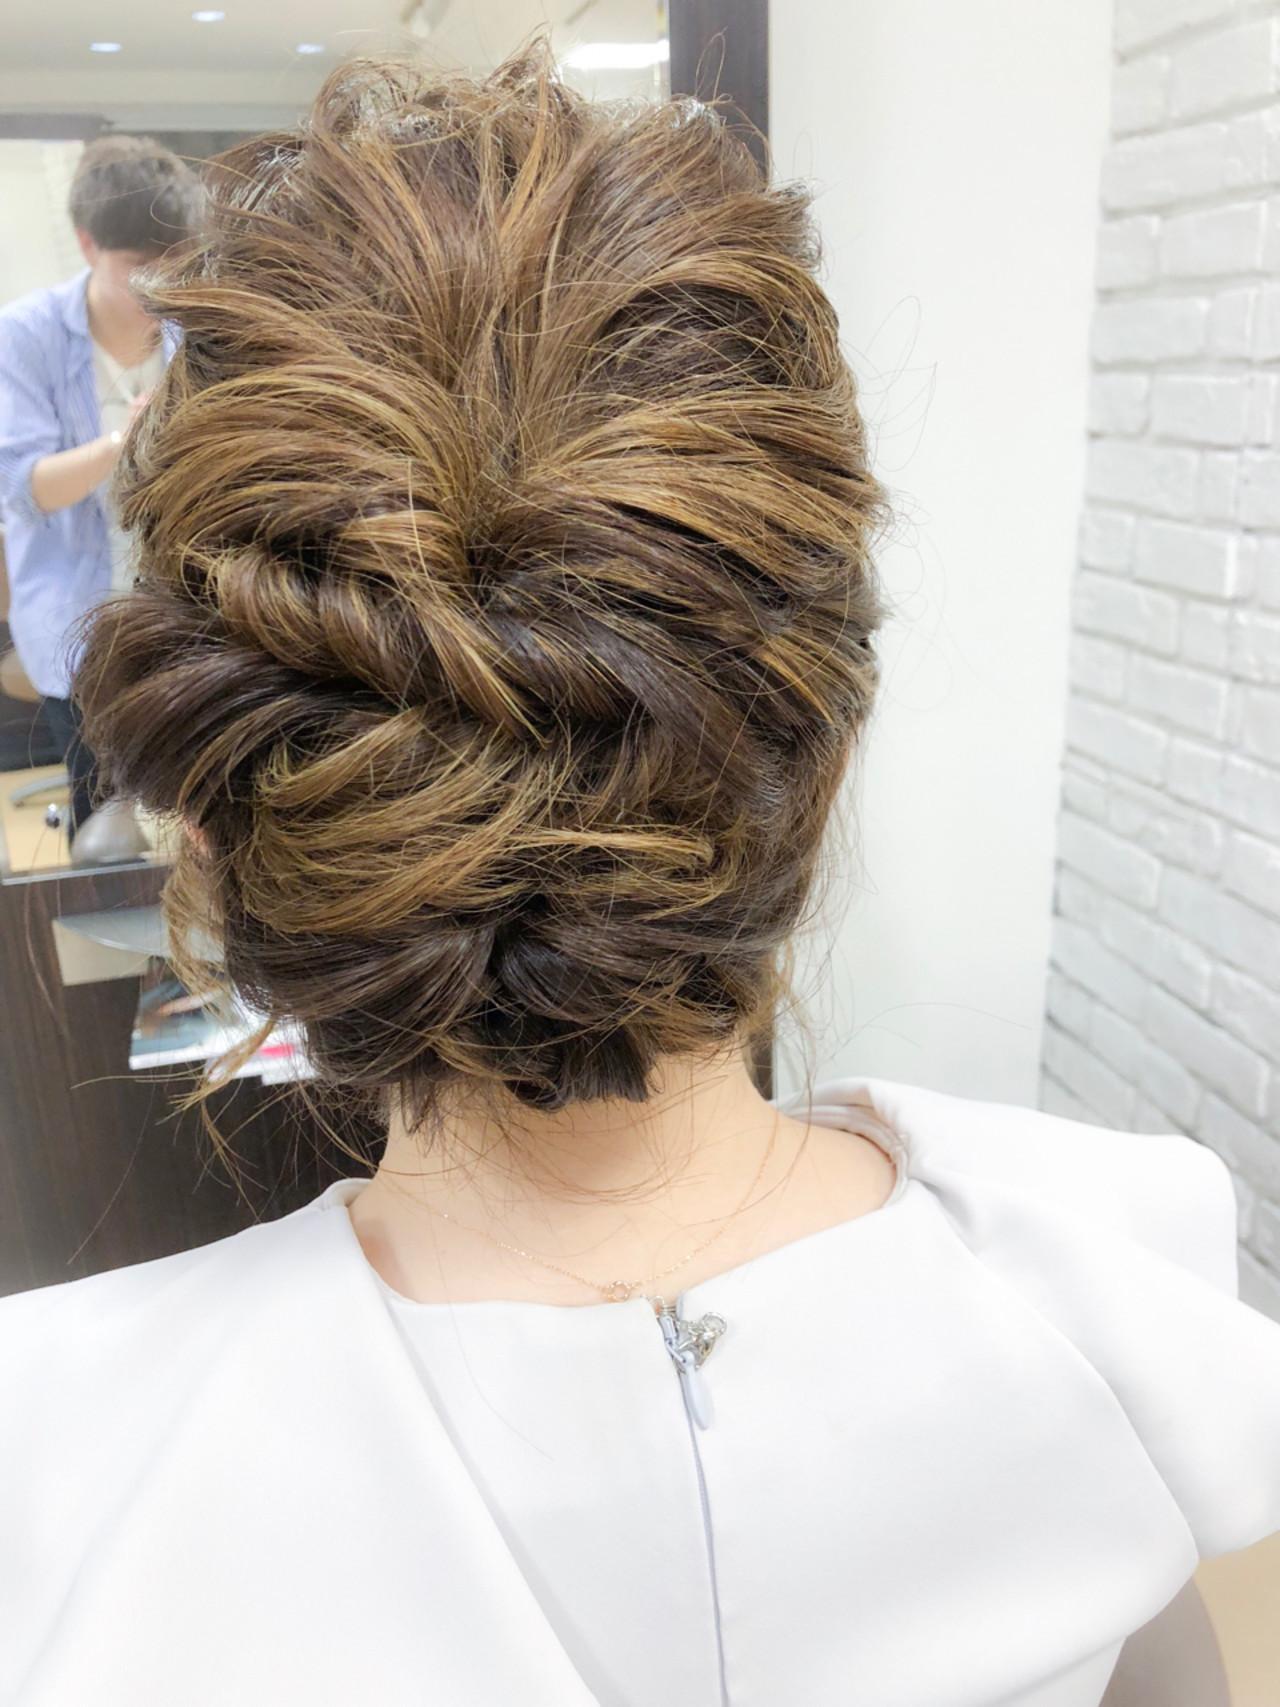 ナチュラル 編み込み ウェーブ ヘアアレンジ ヘアスタイルや髪型の写真・画像